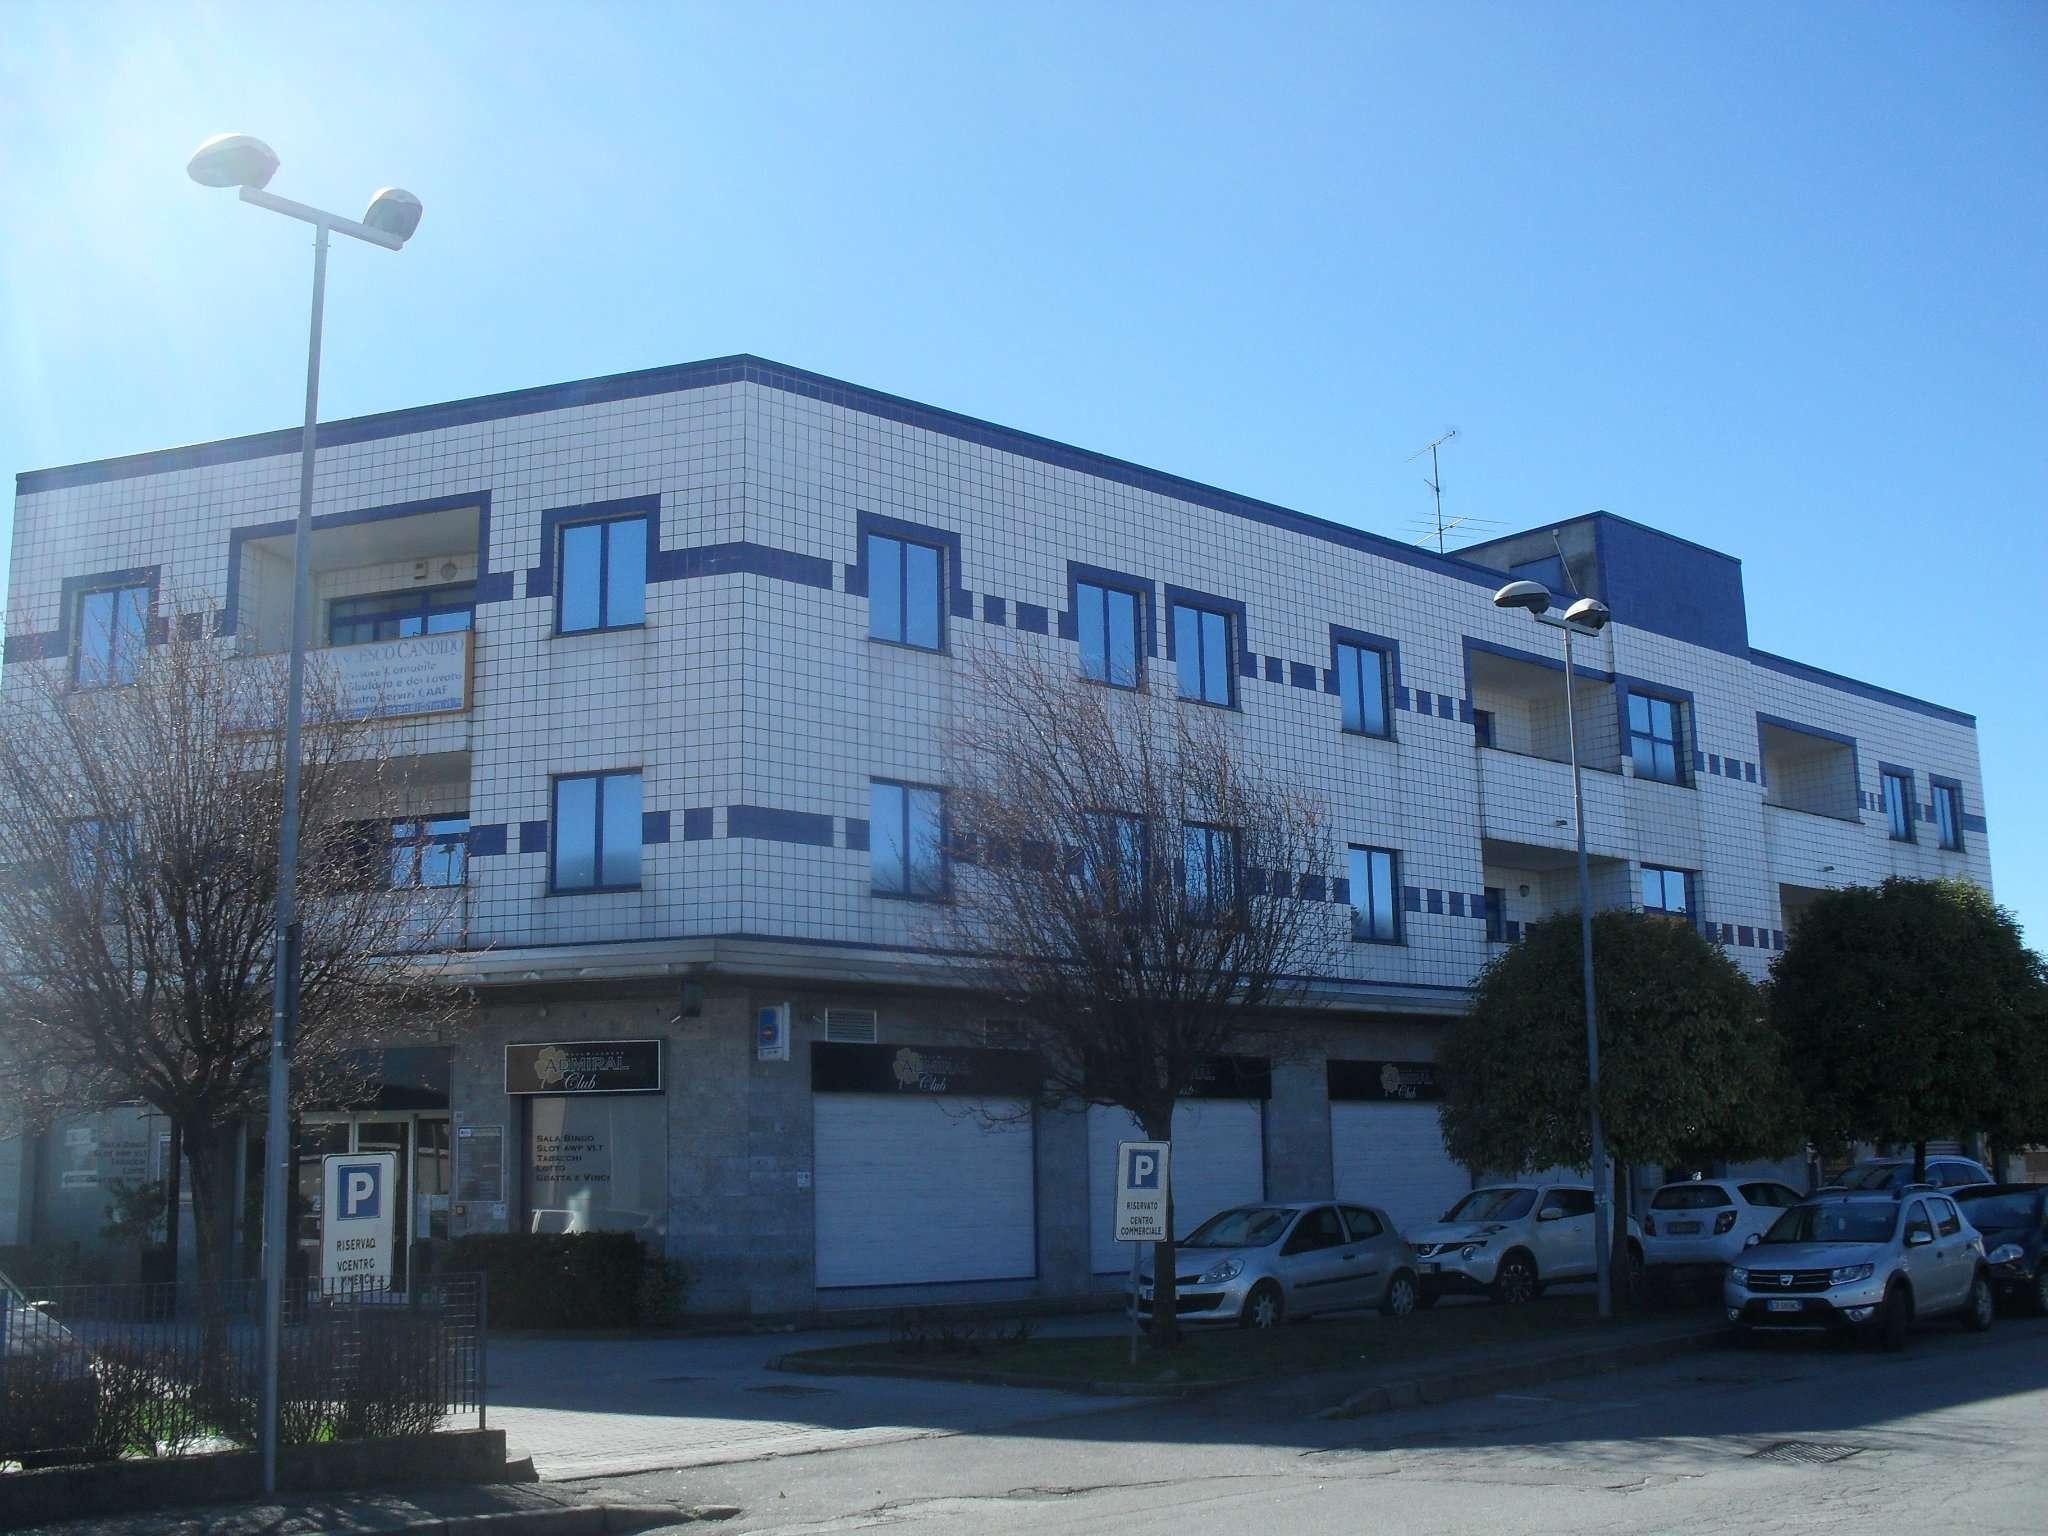 Ufficio / Studio in affitto a Nova Milanese, 1 locali, prezzo € 800 | Cambio Casa.it